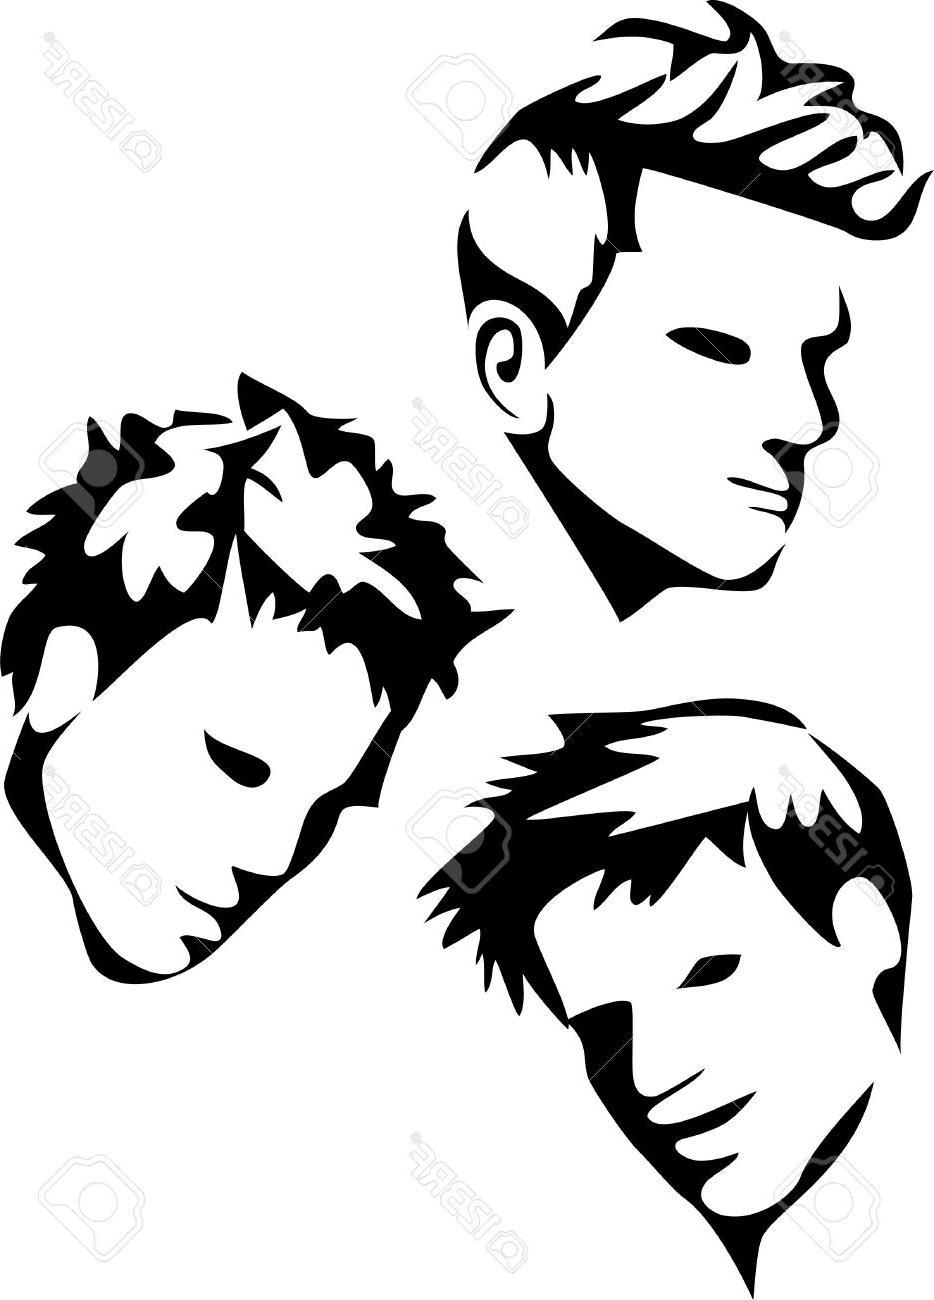 Boys hair style clipart jpg library Hair Cut Clipart   Free download best Hair Cut Clipart on ClipArtMag.com jpg library